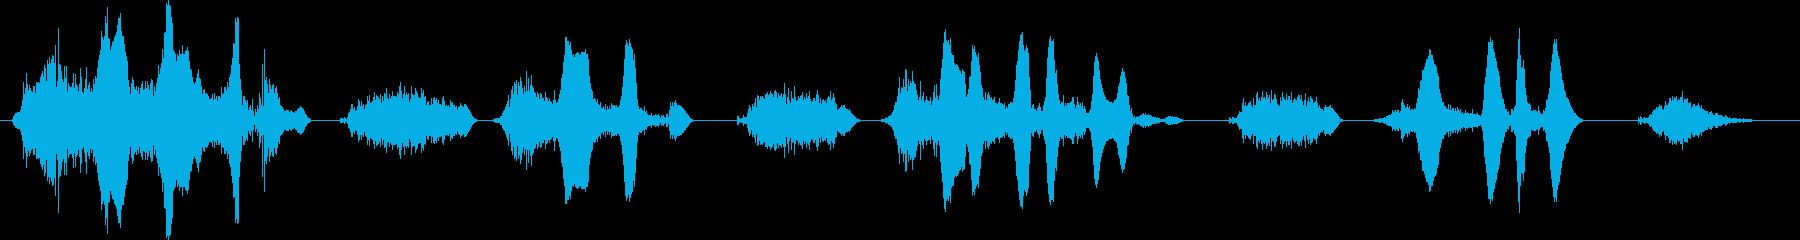 連続笑い2 えへへ【談笑、ホラー演出】の再生済みの波形